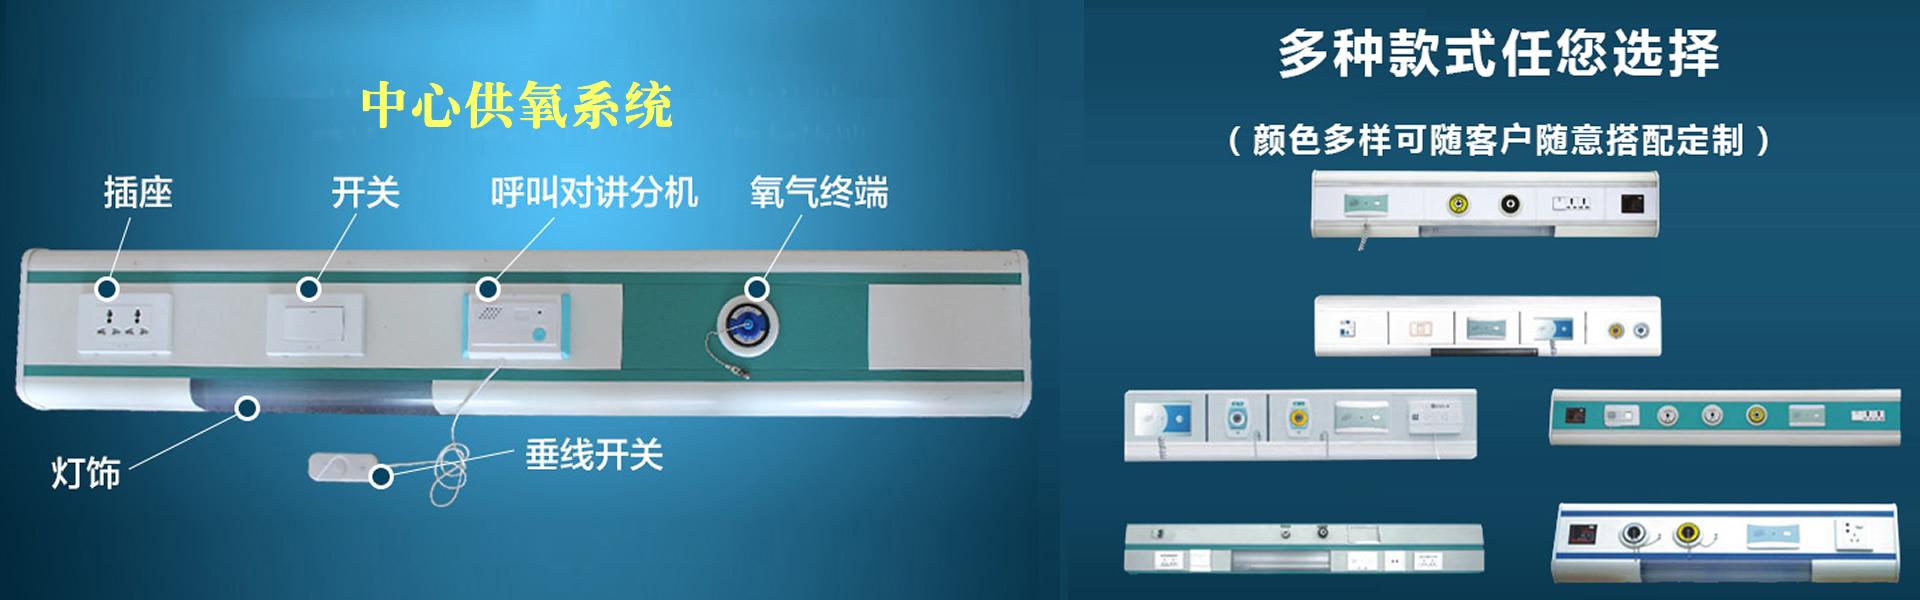 咸阳礼泉医院中心供氧系统建设